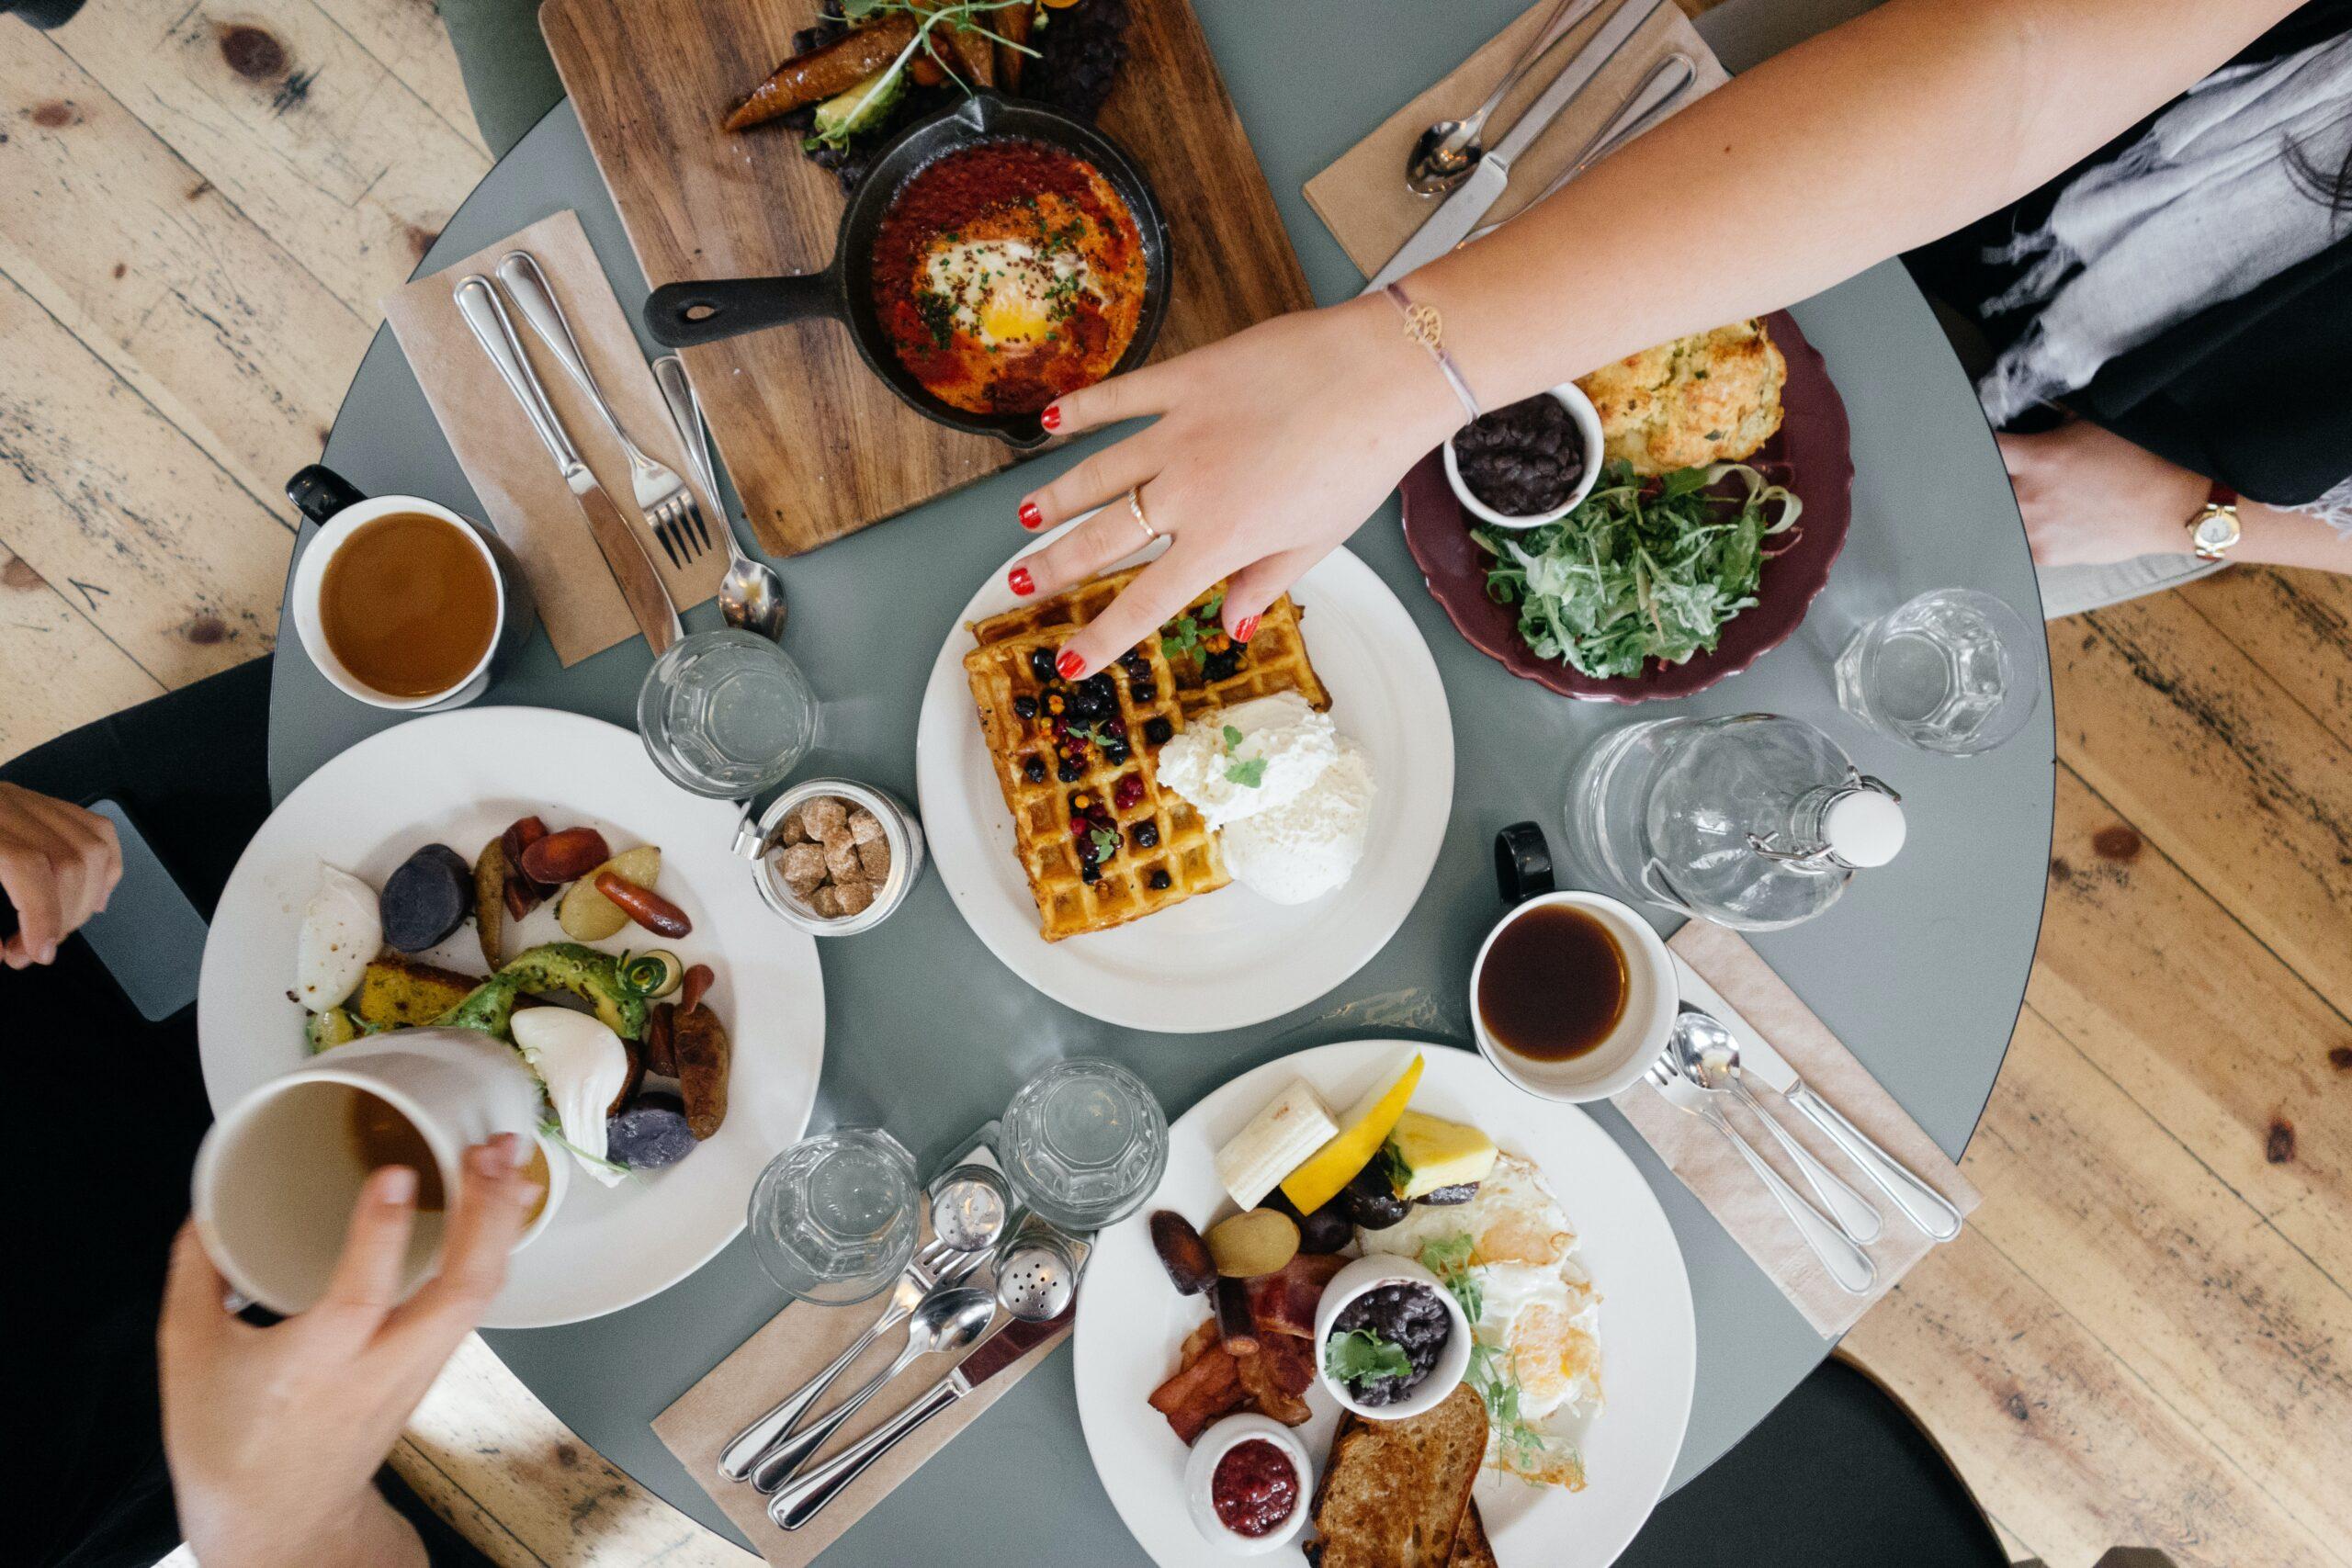 Il buongiorno si vede dal mattino: la prima colazione